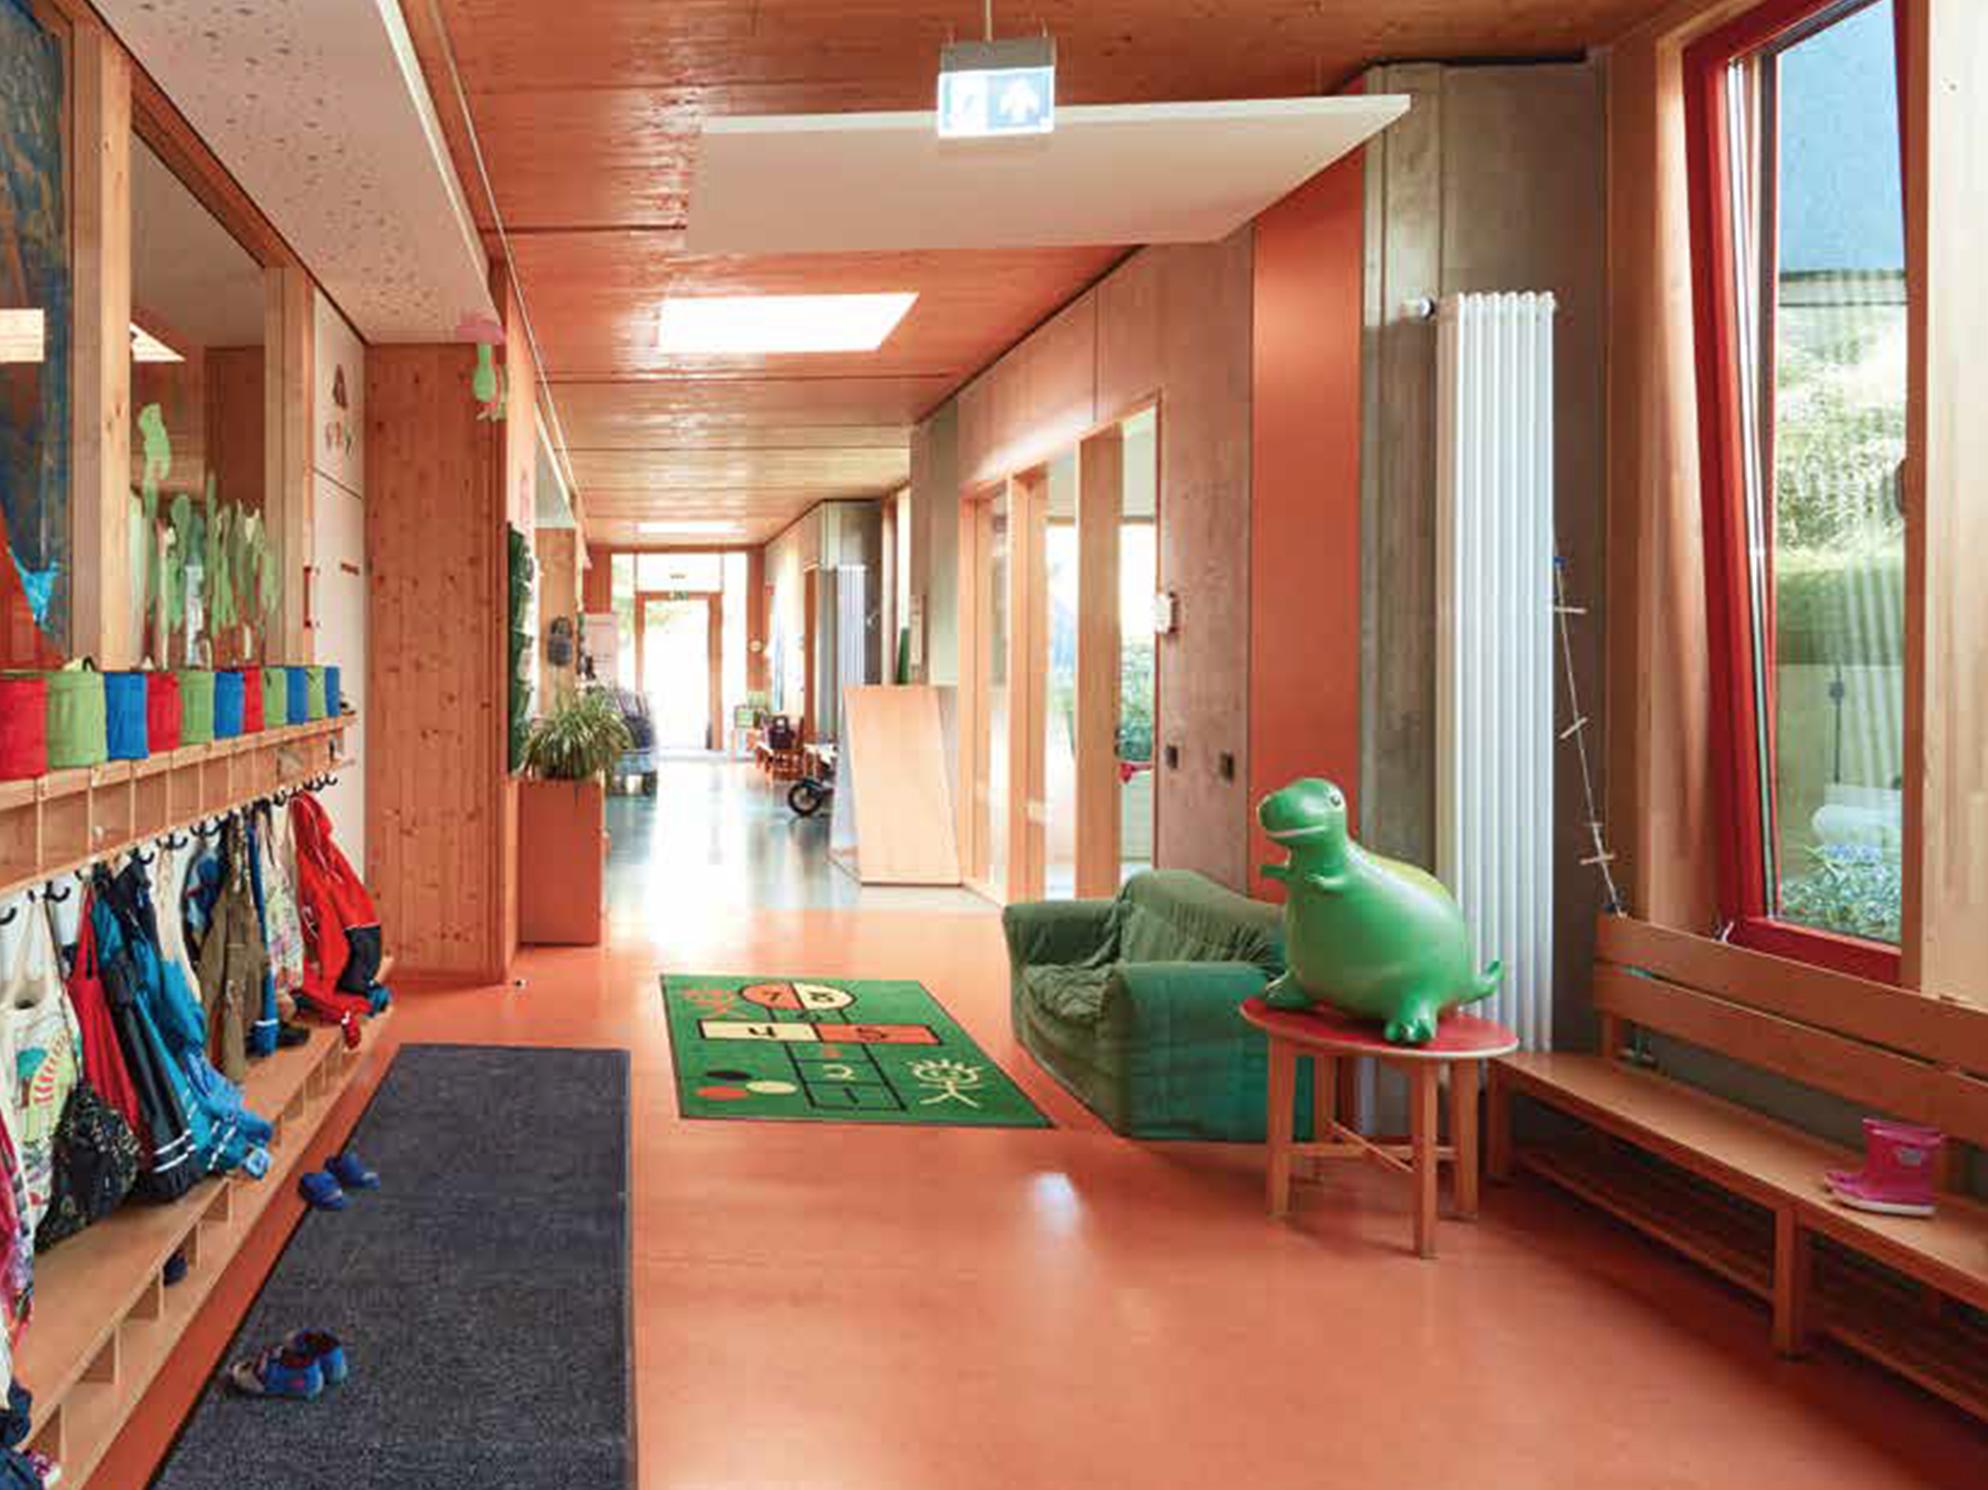 Eingangsbereich einer Kita